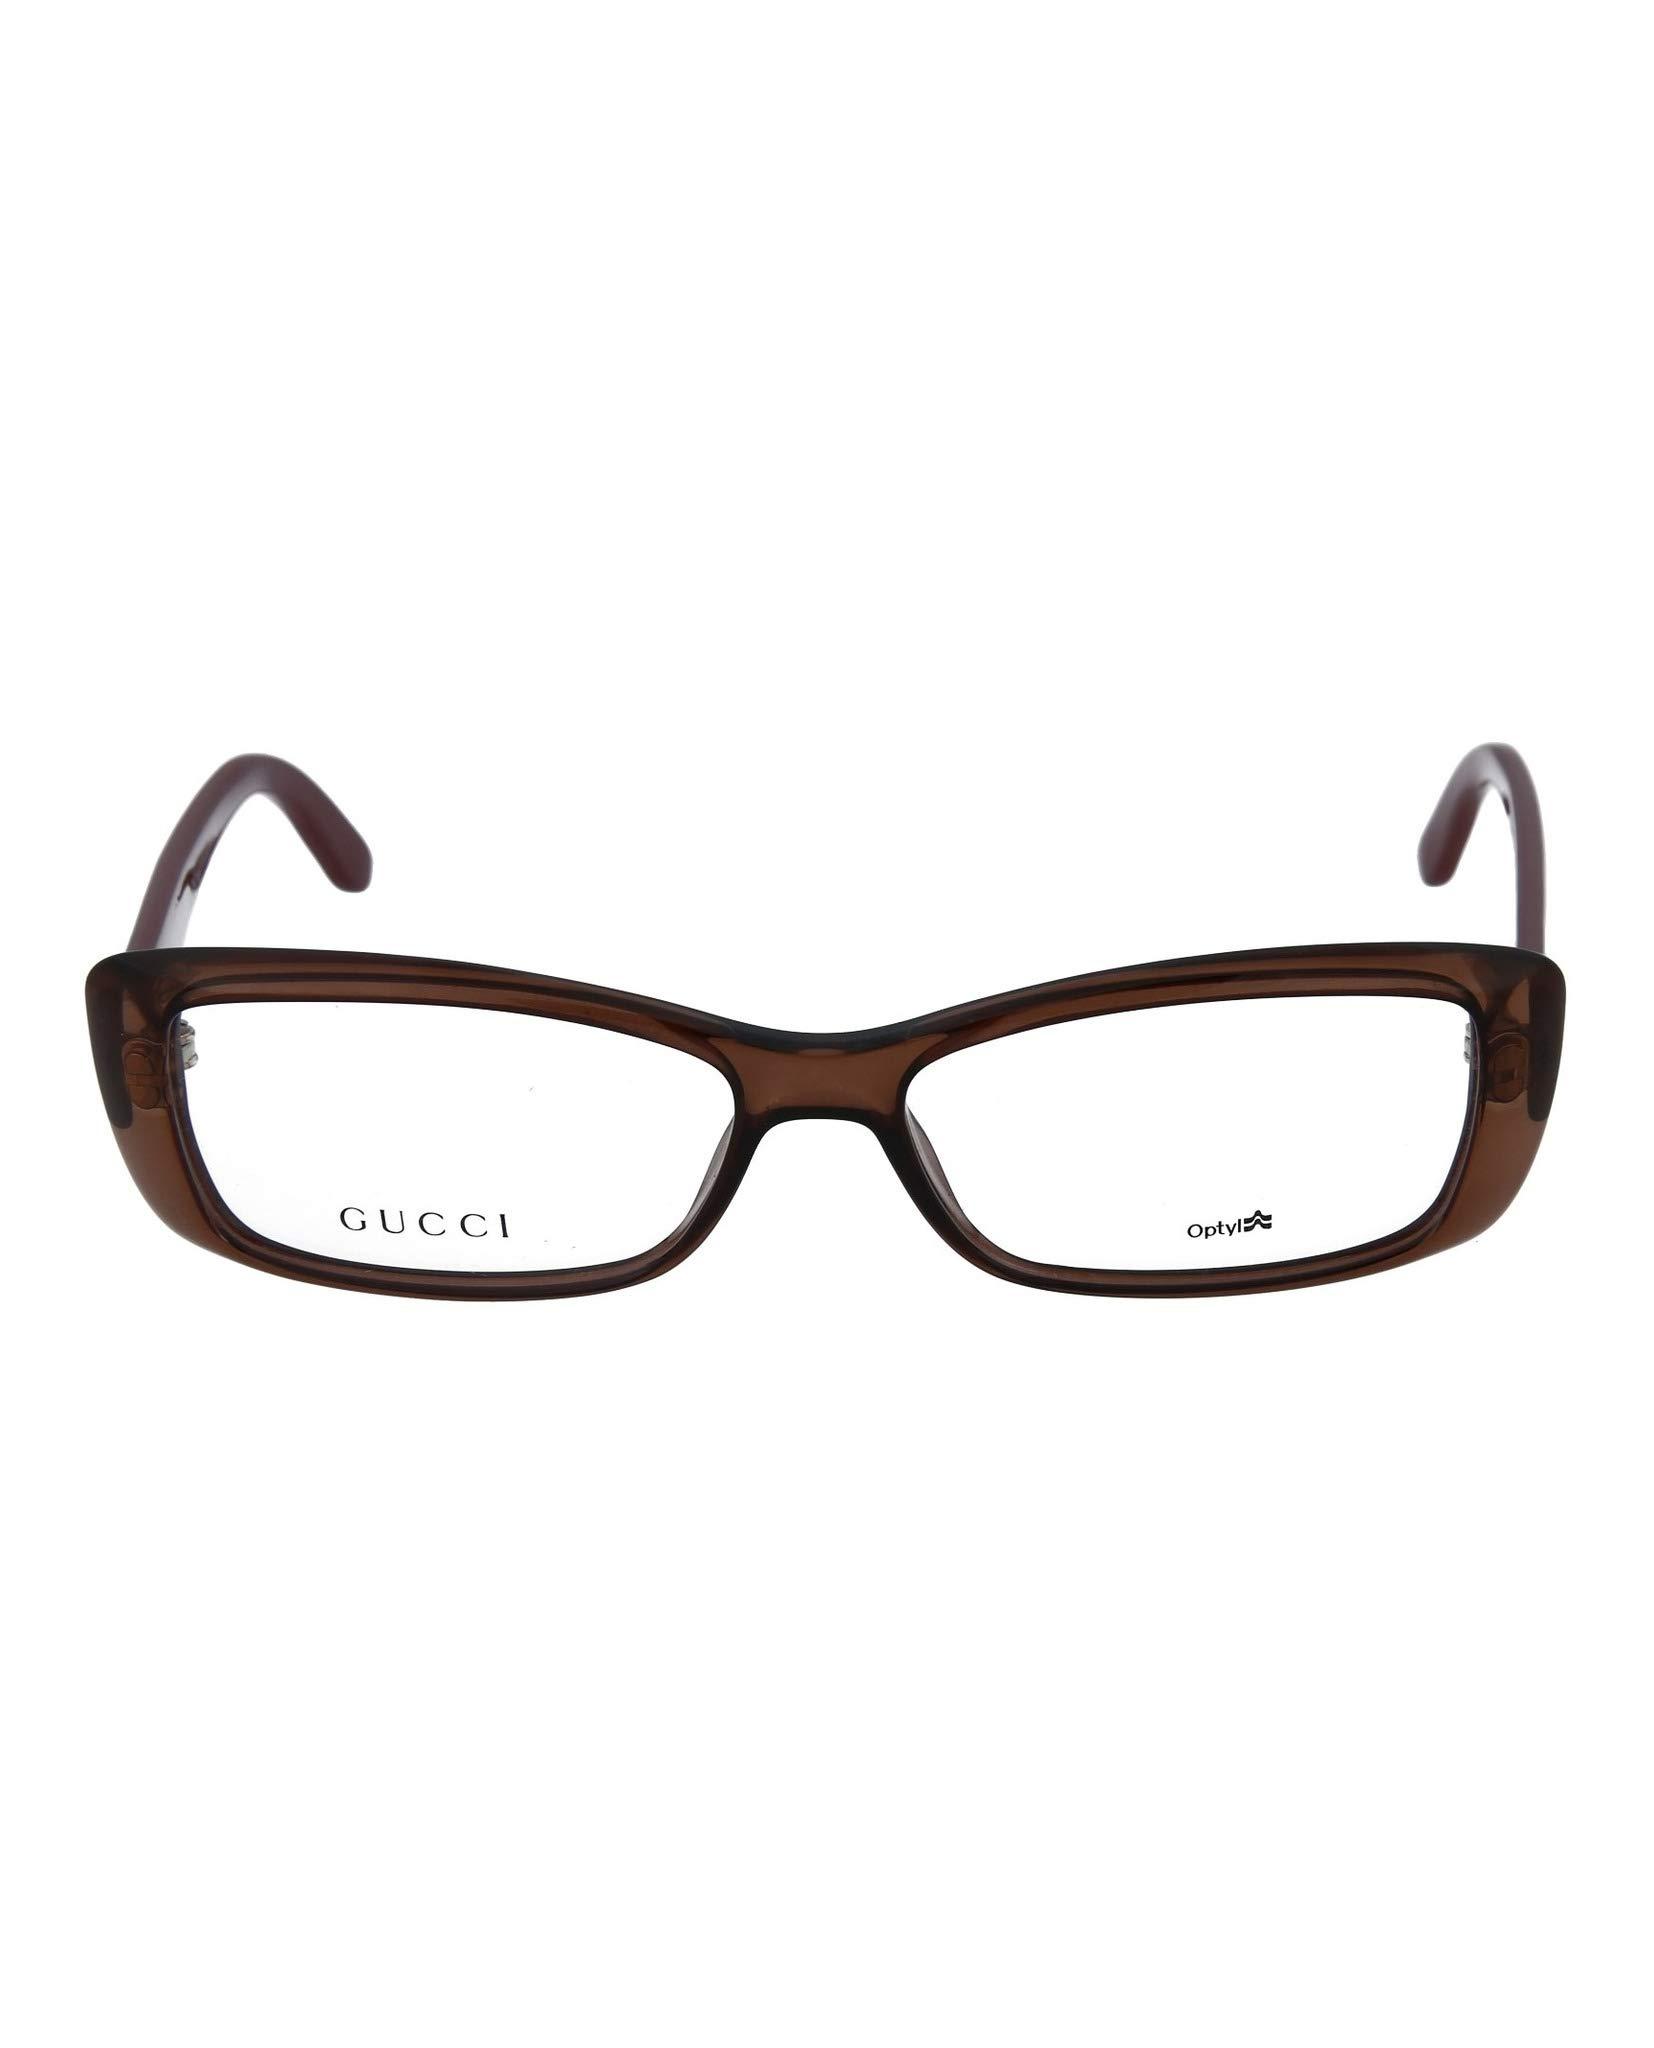 Gucci Eyeglasses GG 3568 RED WG6 GG3568